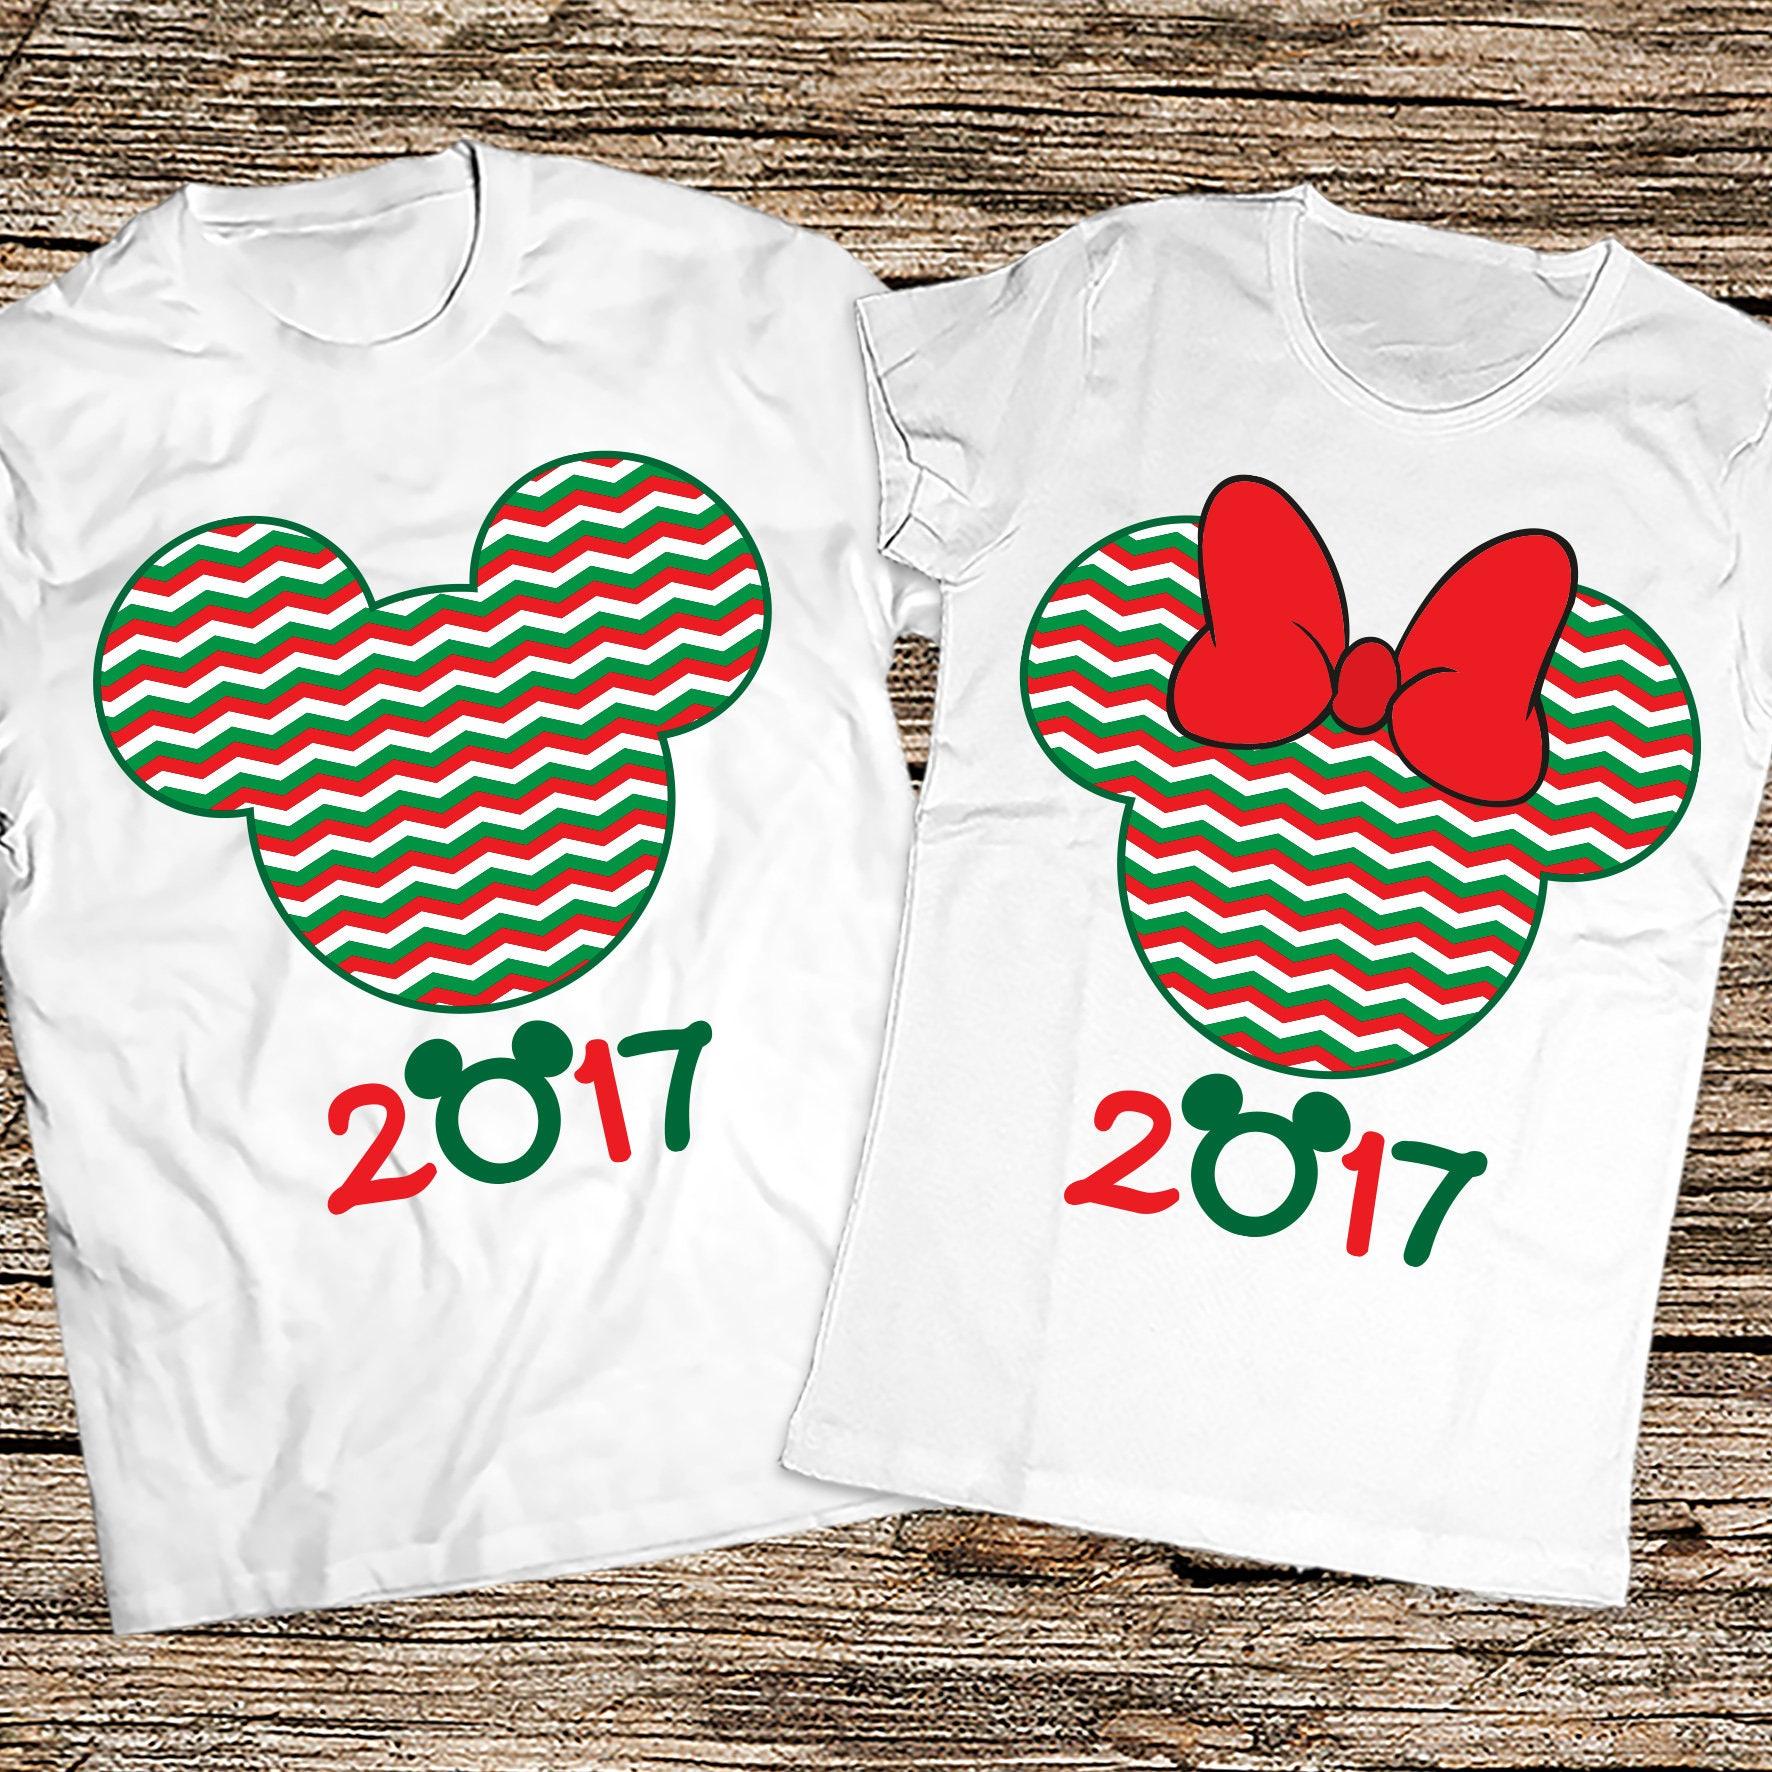 Disney couple Christmas shirts 2017 Disney Christmas ...